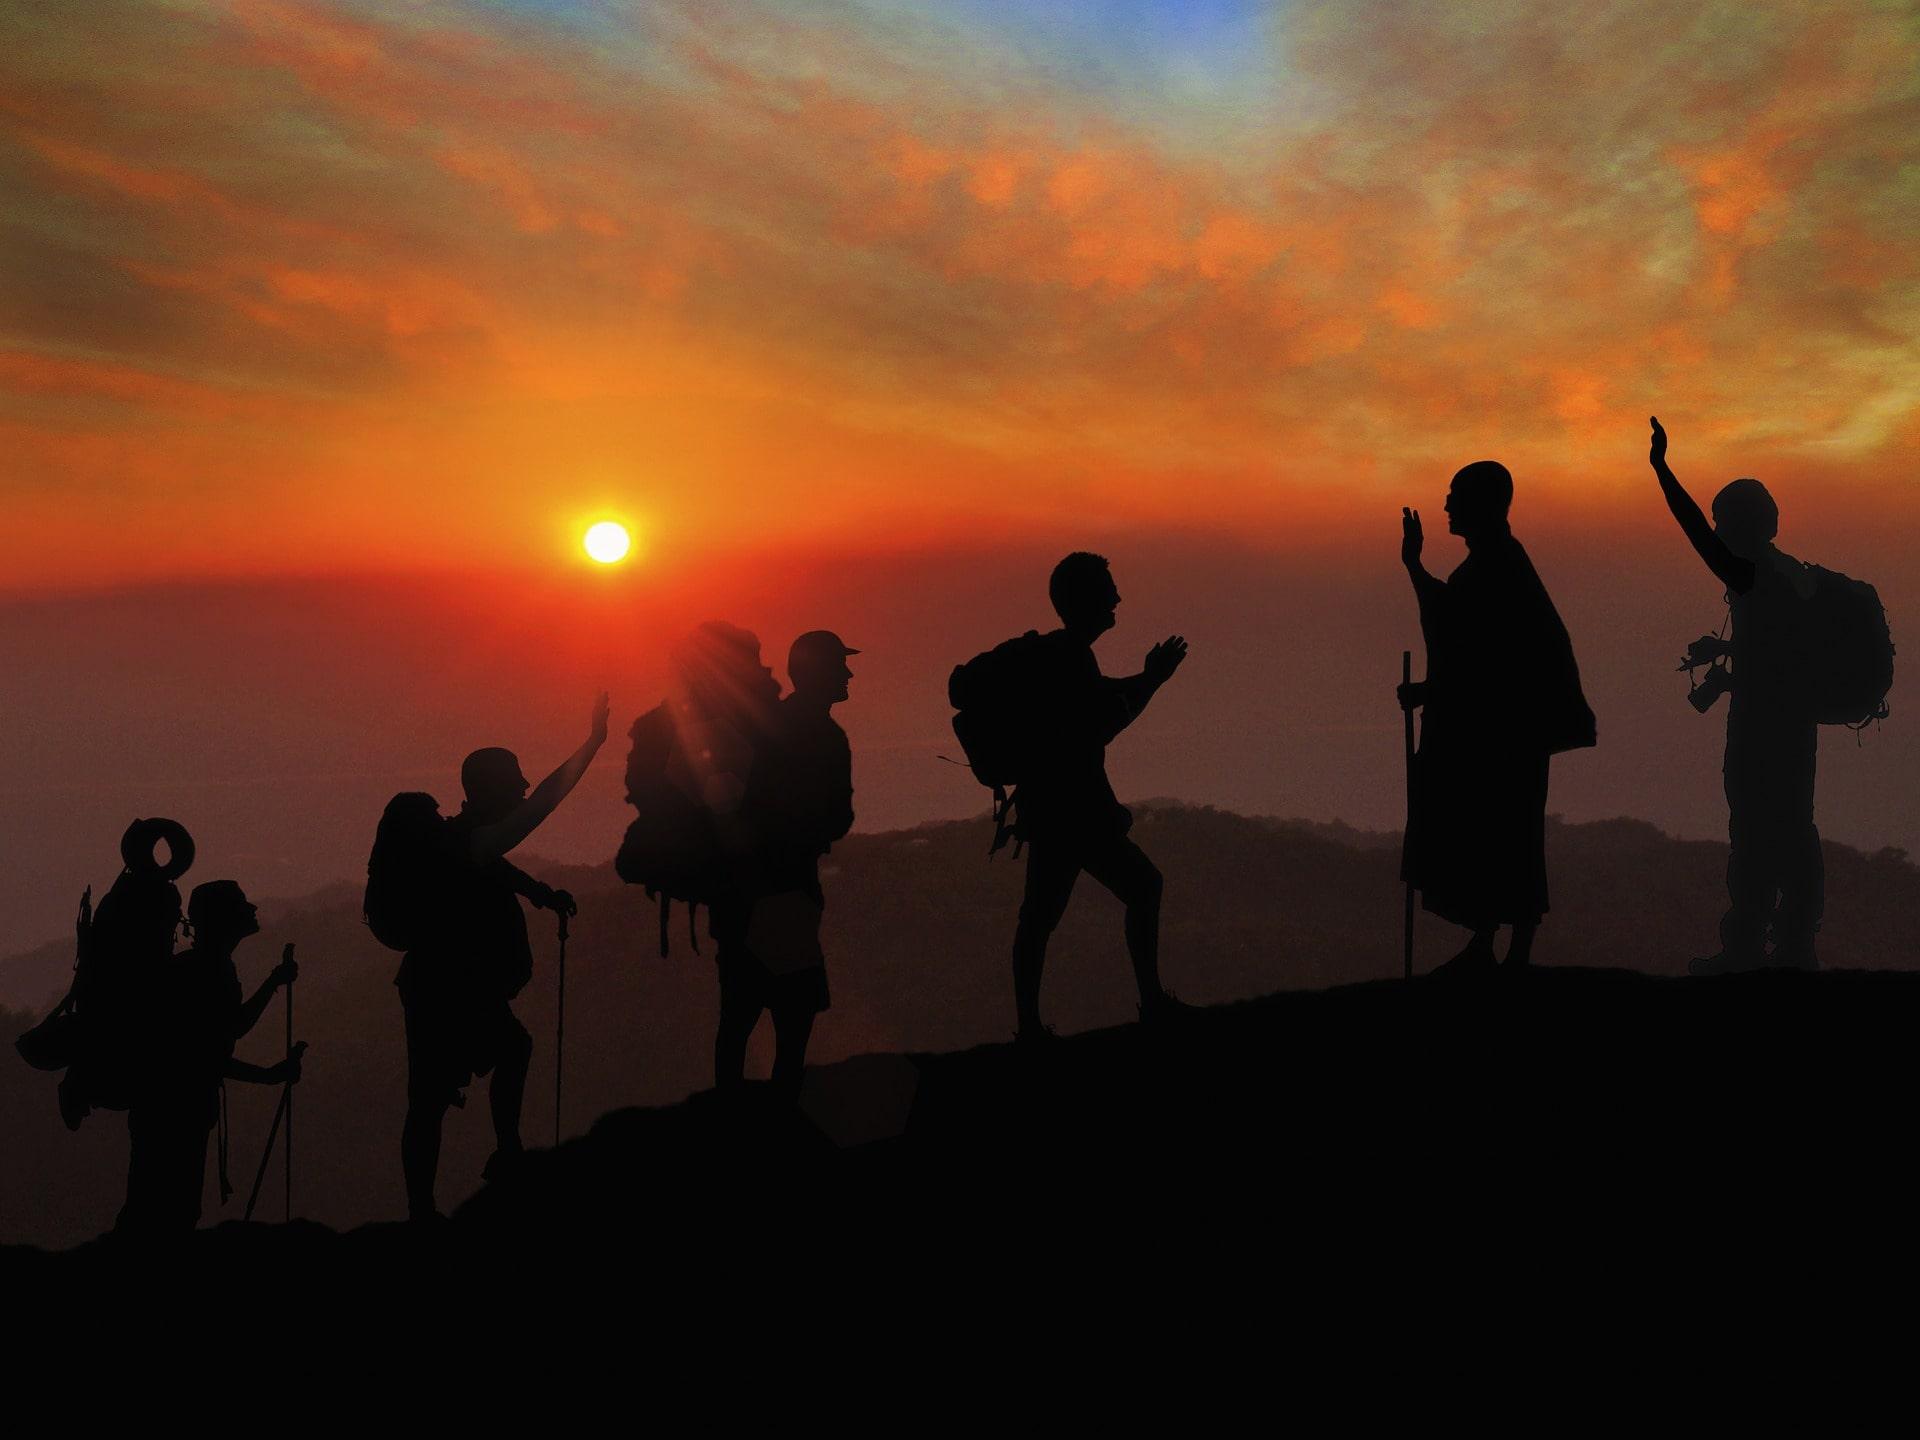 sunset-2173918_1920-min